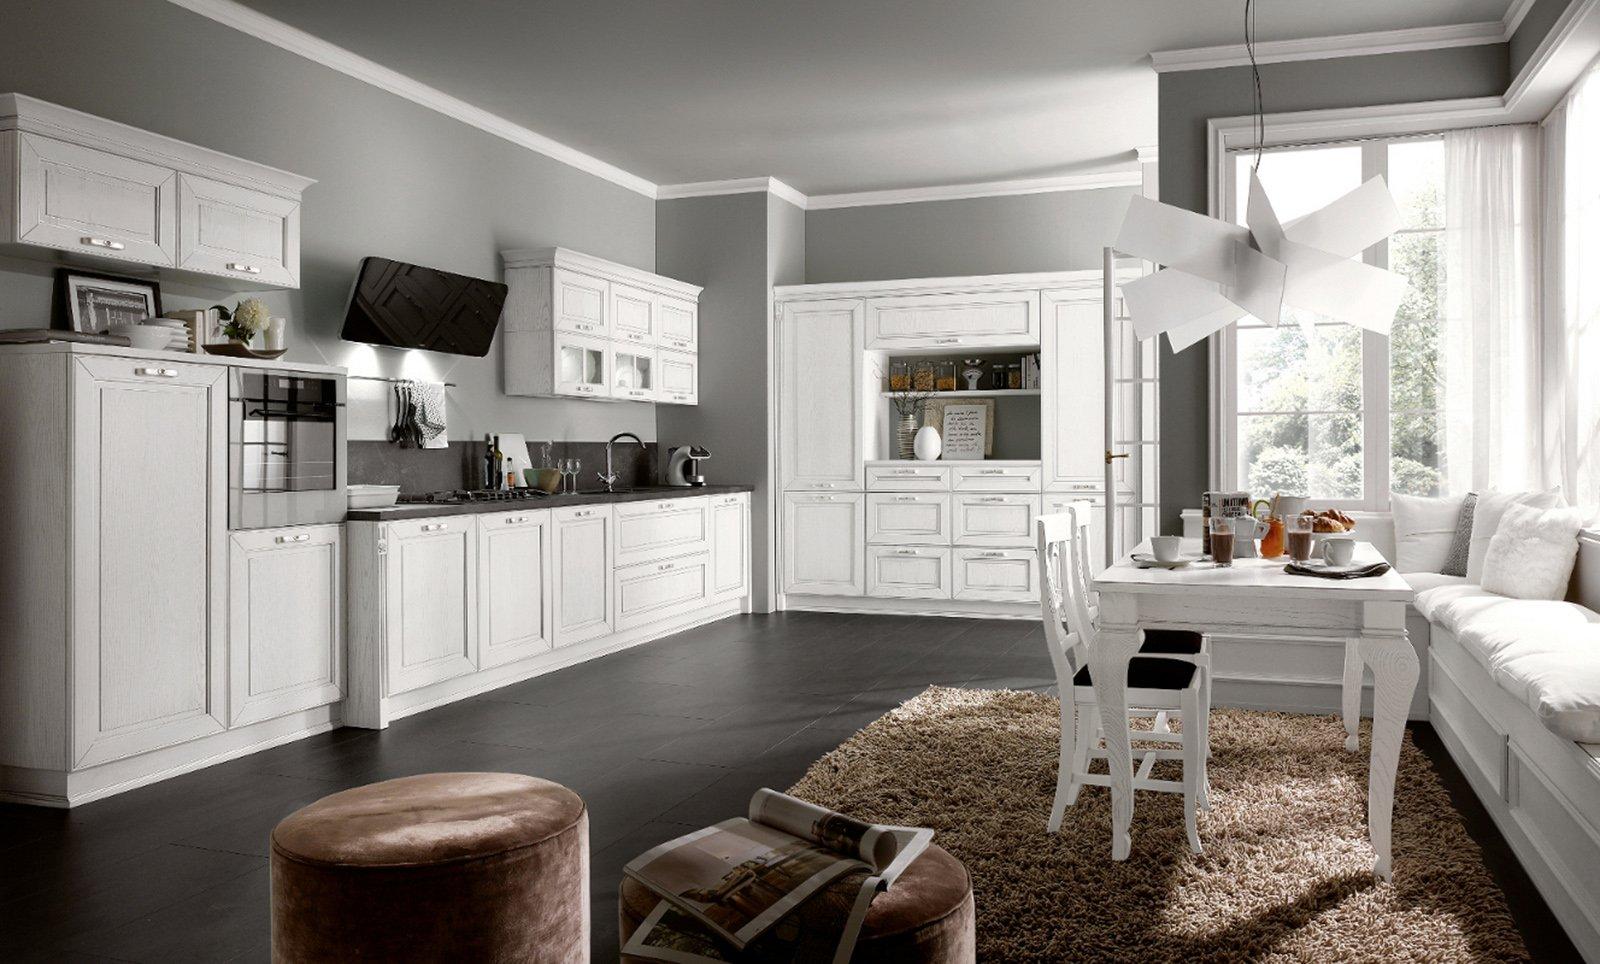 Nuove cucine con maniglia protagonista cose di casa - Immagini cucine ikea ...